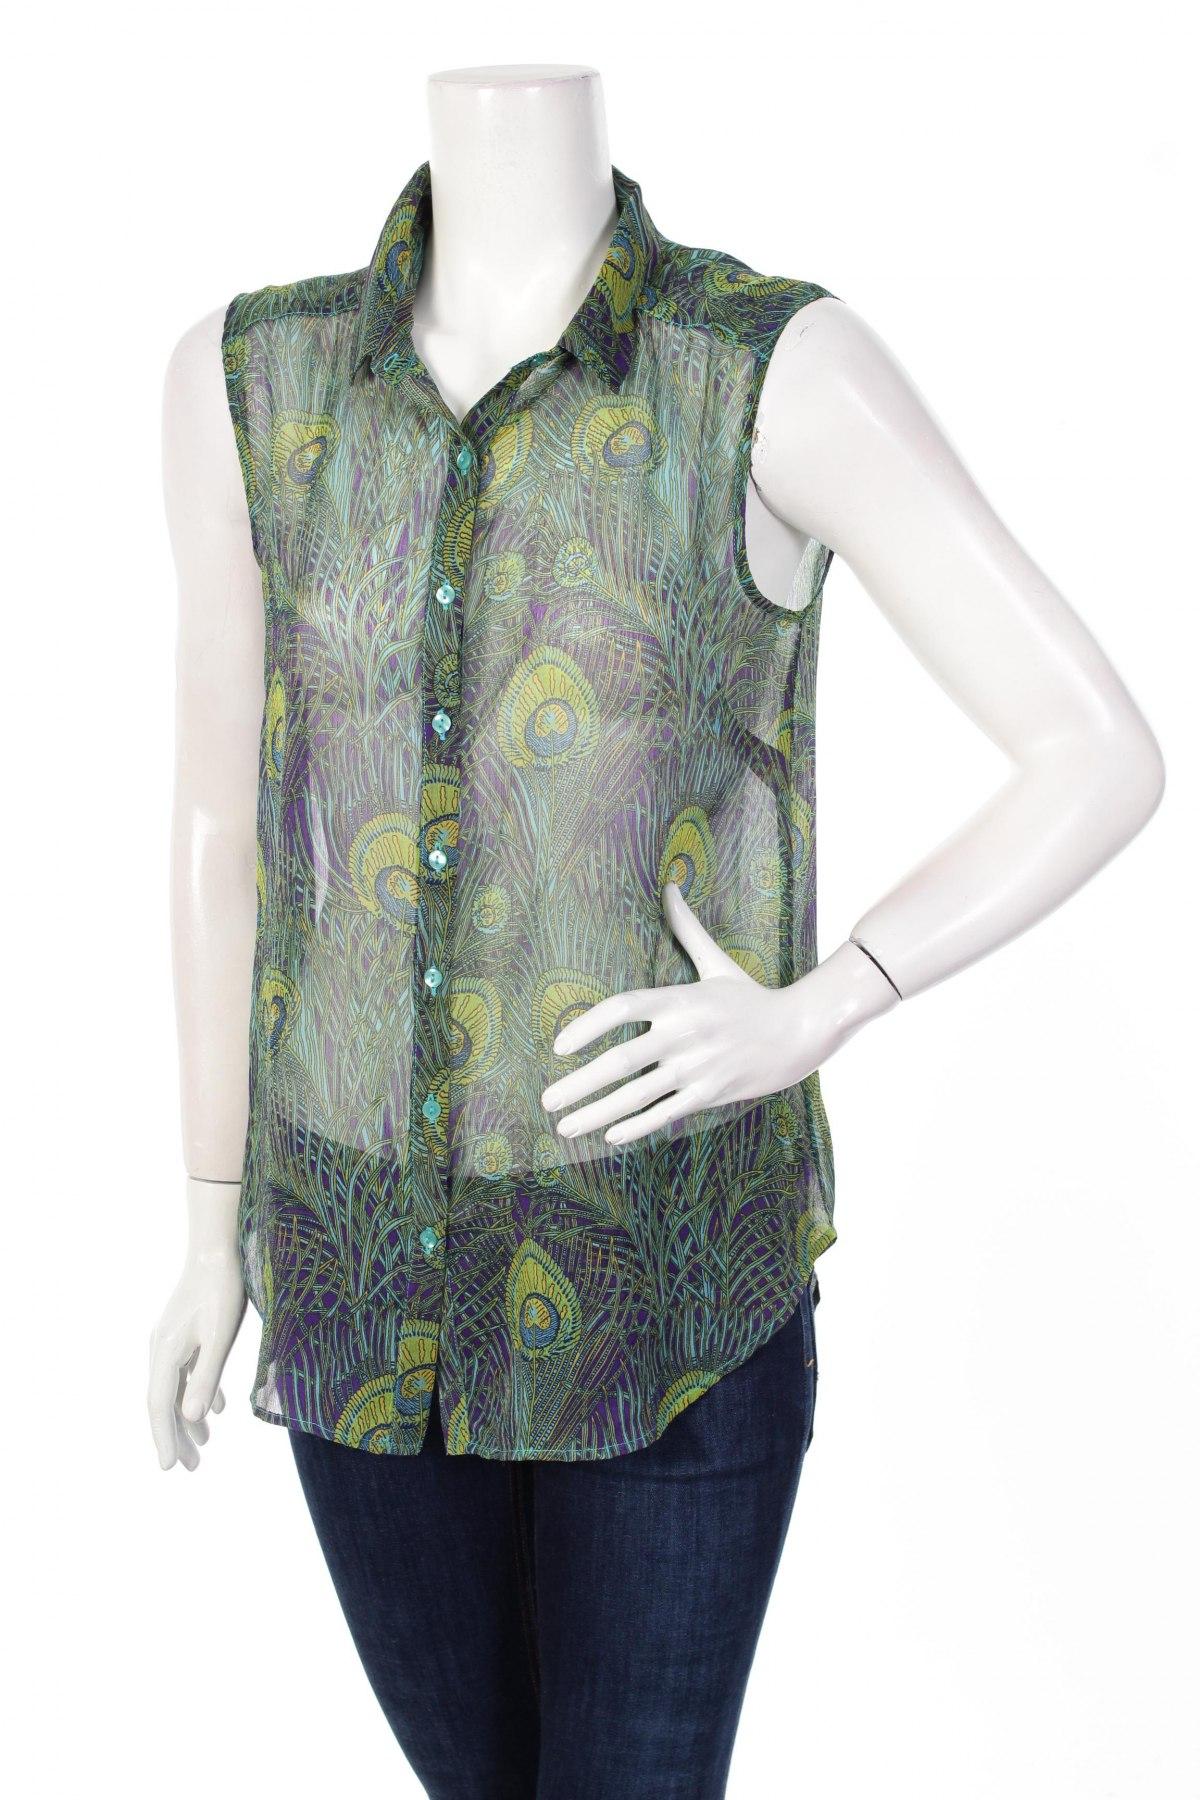 Γυναικείο πουκάμισο Days Like This, Μέγεθος M, Χρώμα Πολύχρωμο, Τιμή 9,90€